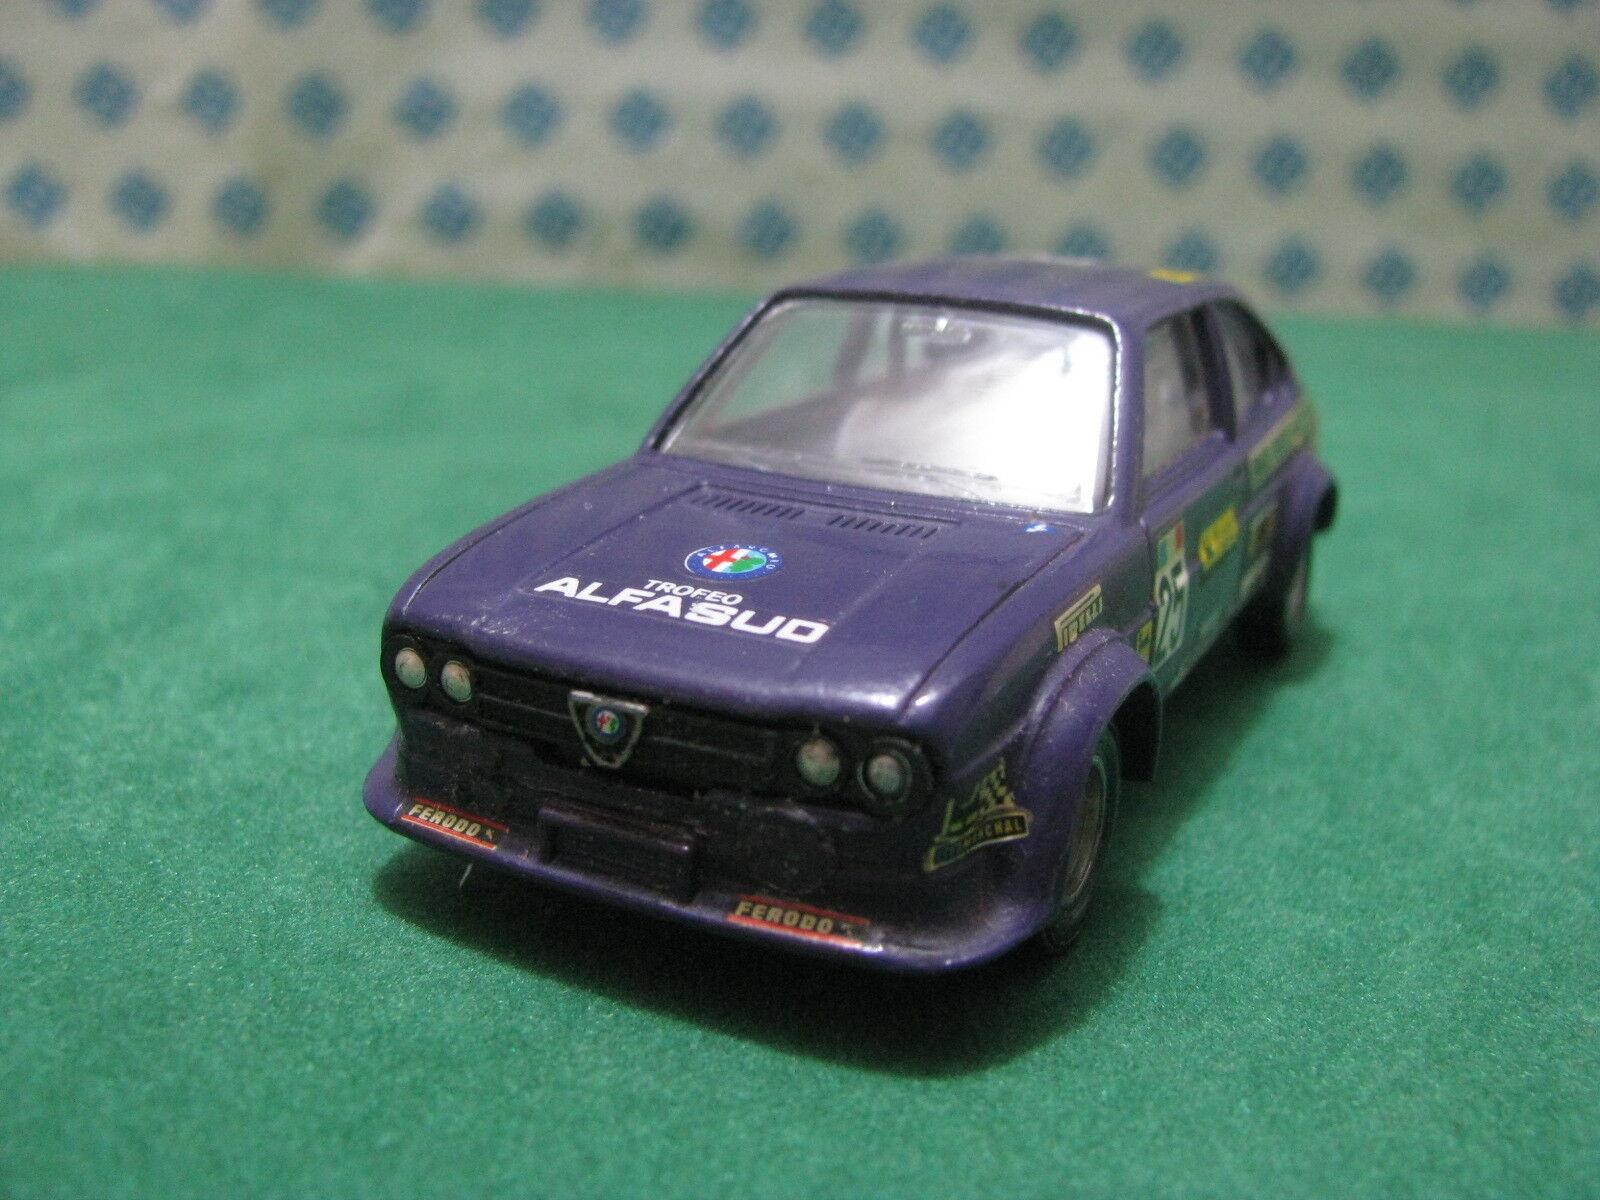 ALFA ROMEO Alfasud 1300 Ti Trofeo PARIS-POISSY- 1 43 Trasformazione Solido